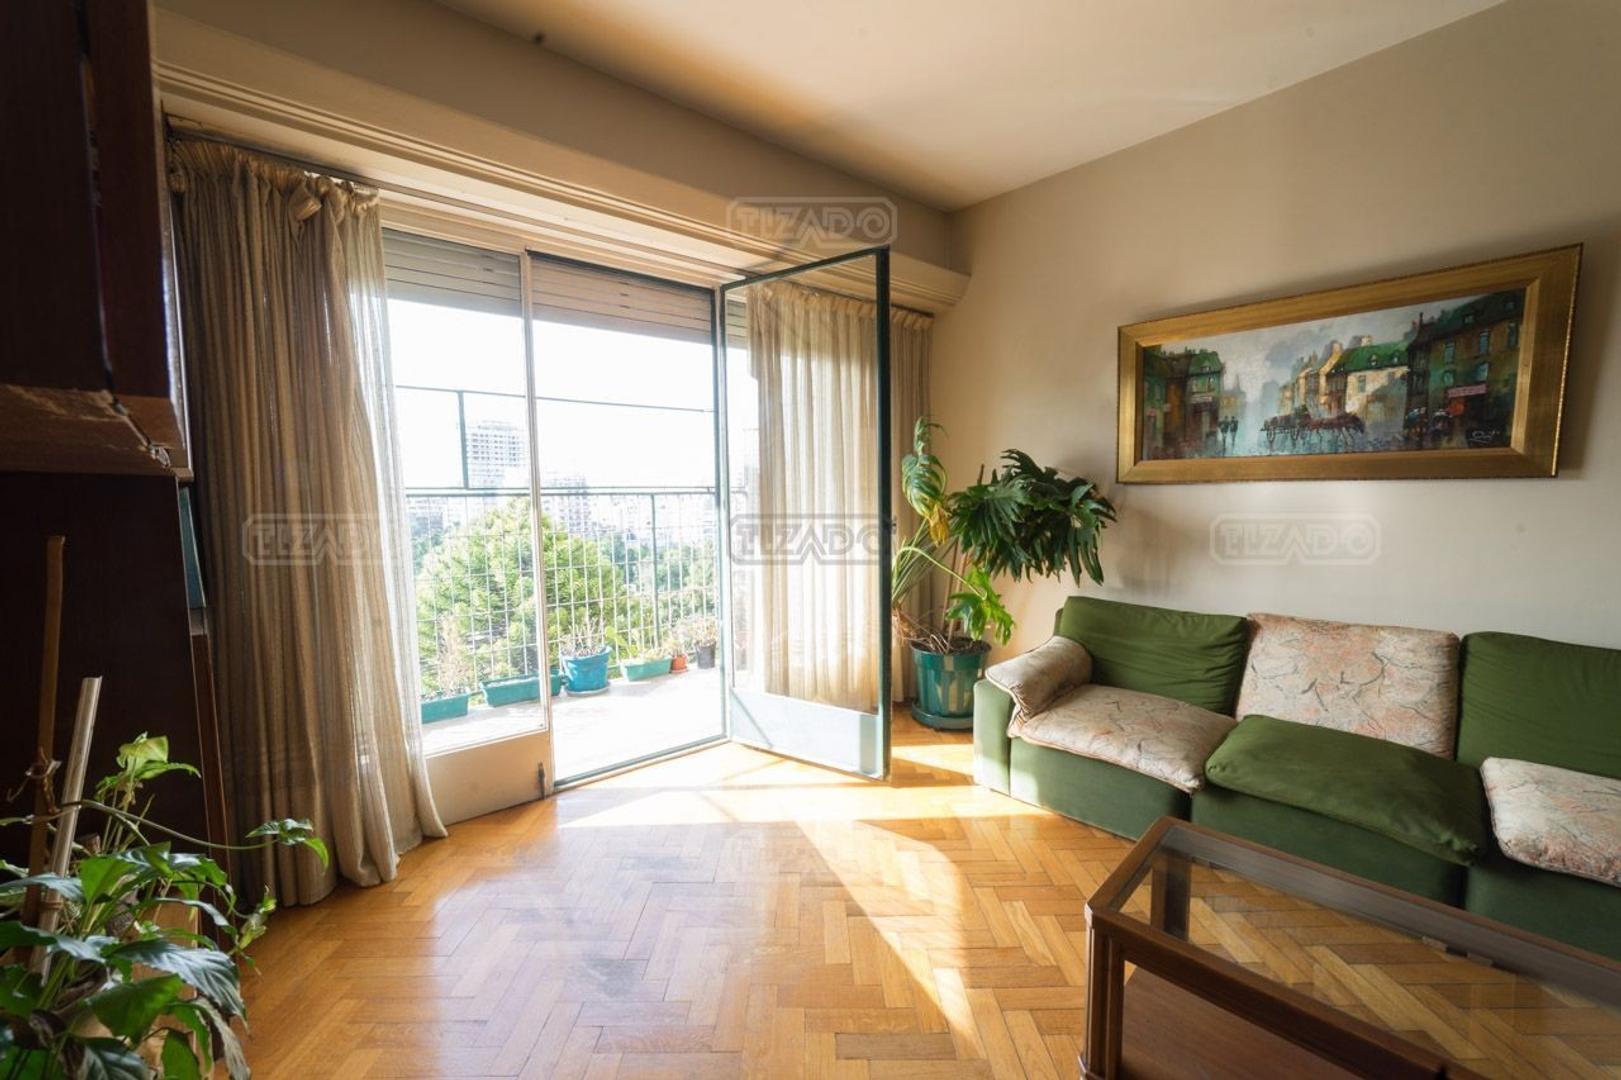 Departamento - 90 m² | 2 dormitorios | 45 años